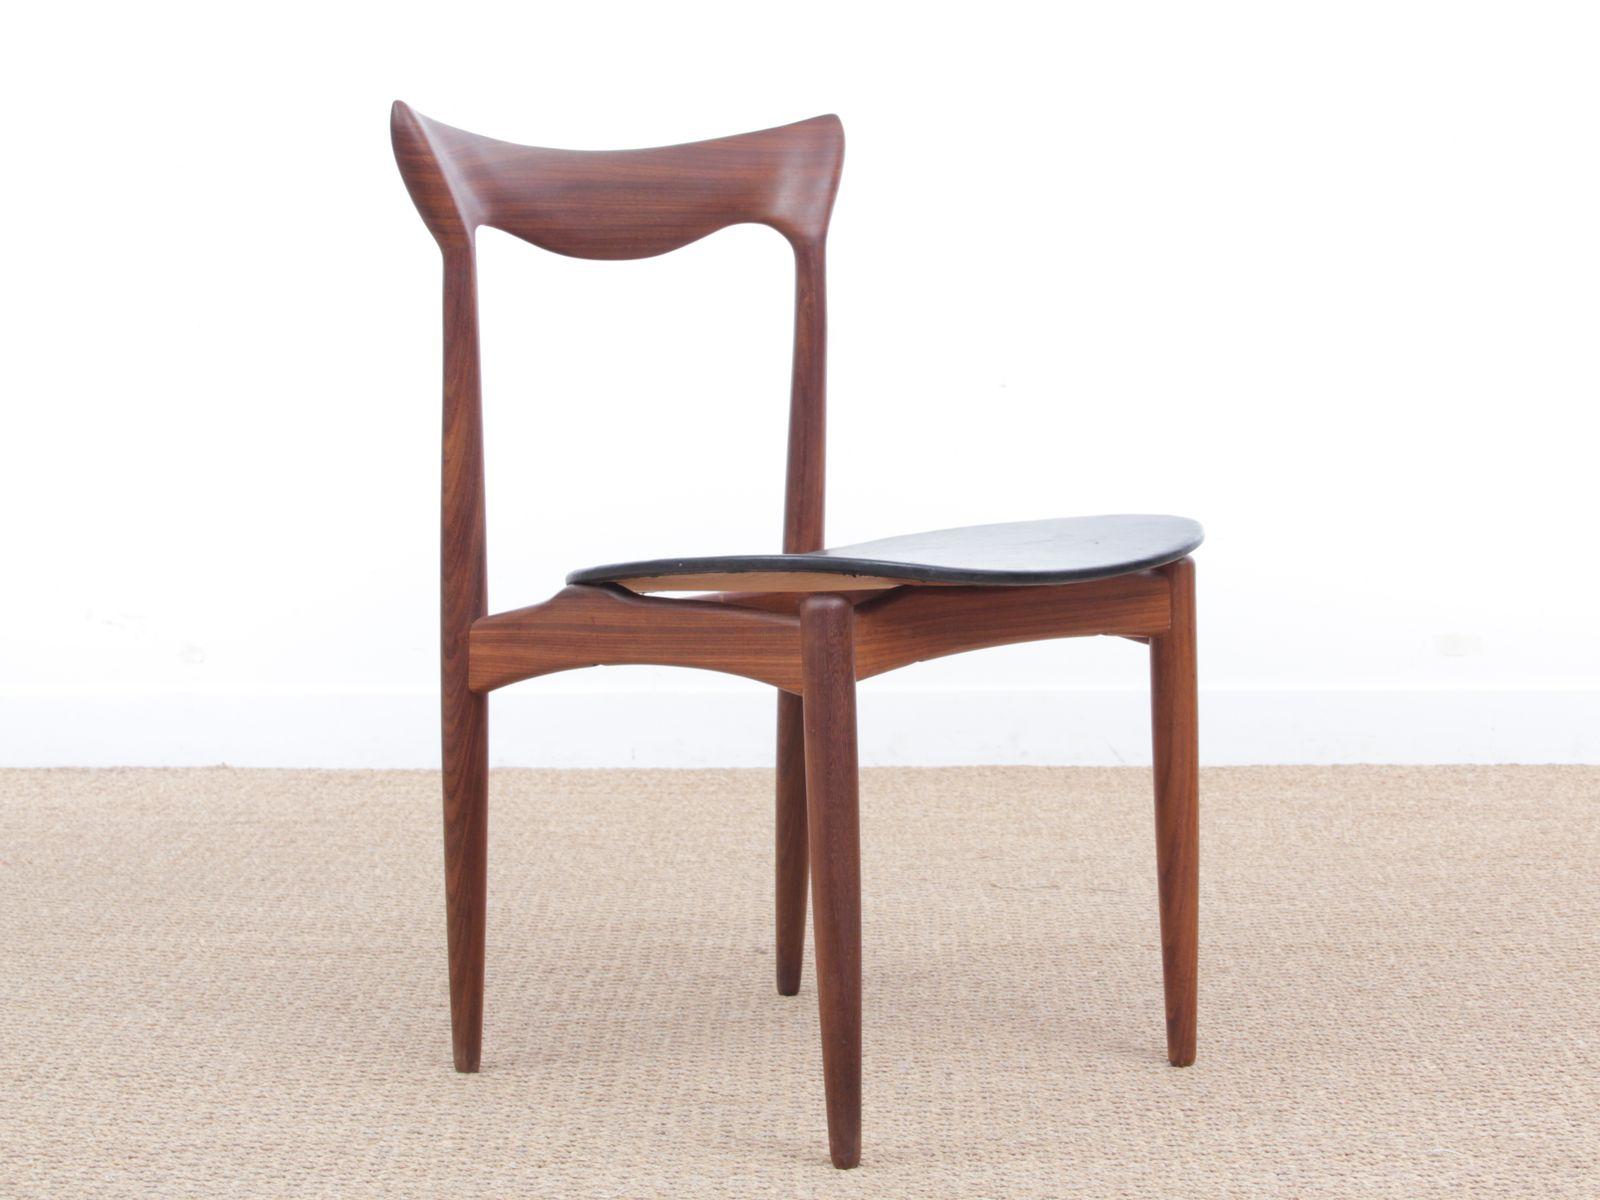 skandinavische mid century teak st hle von henry walter. Black Bedroom Furniture Sets. Home Design Ideas